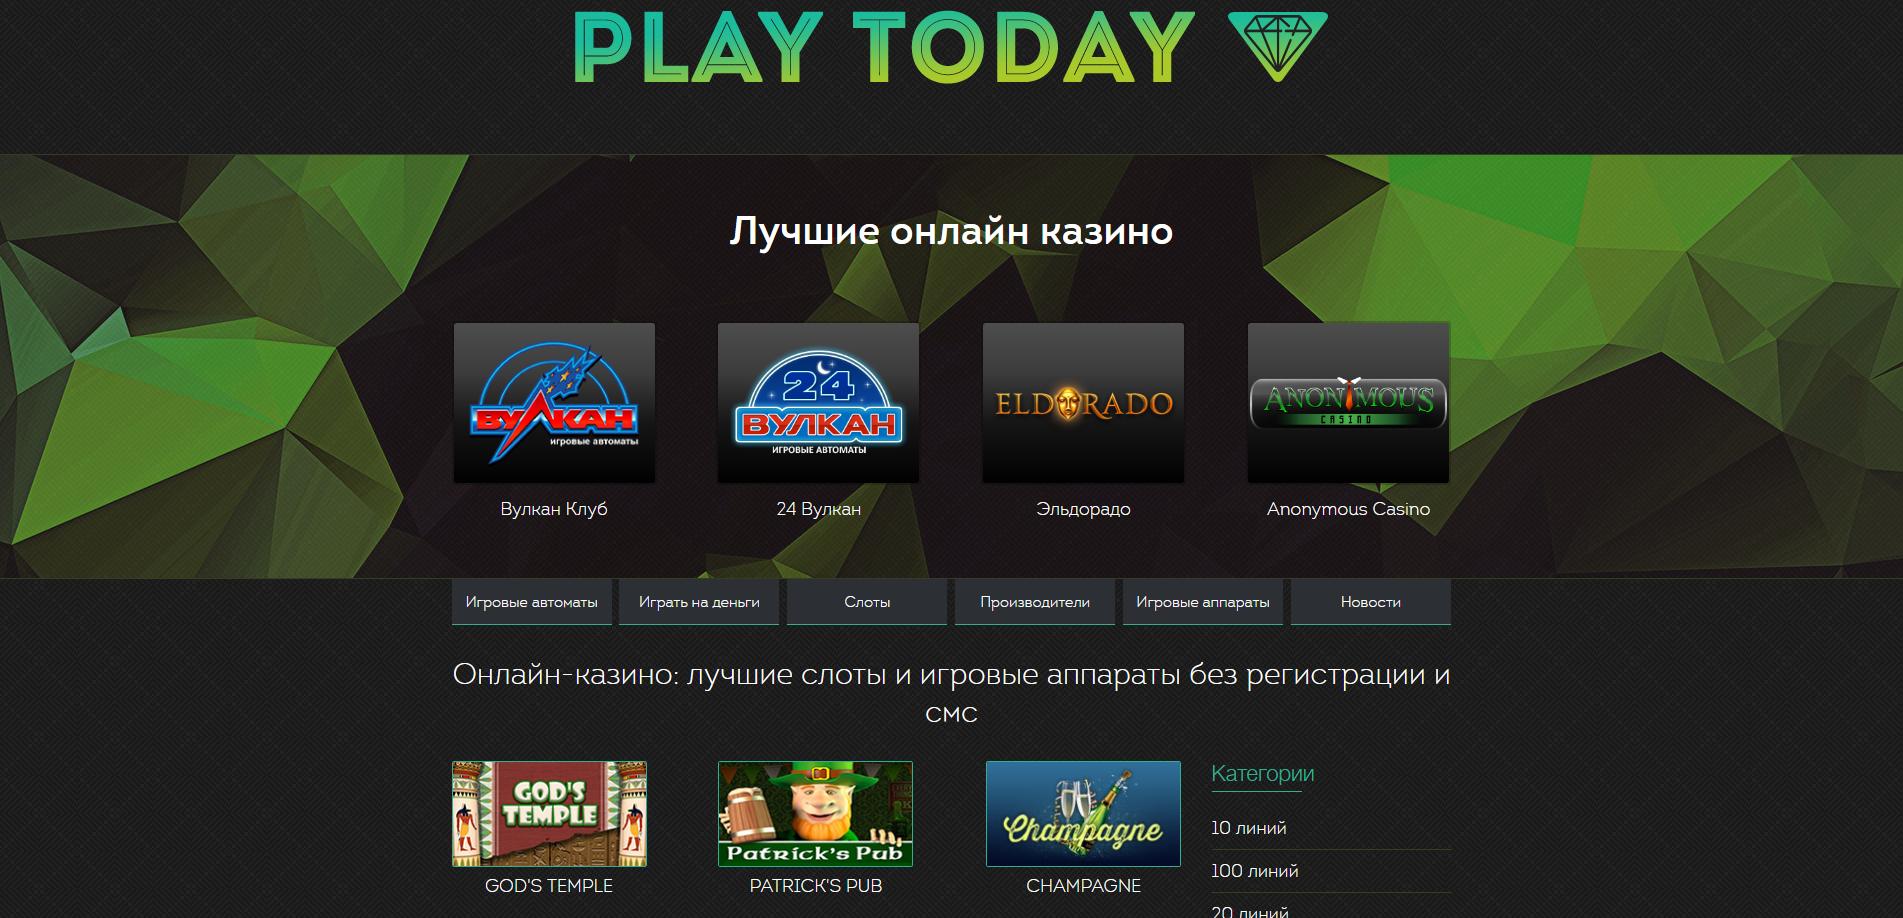 Игровые автоматы абезбянка играть бесплатно